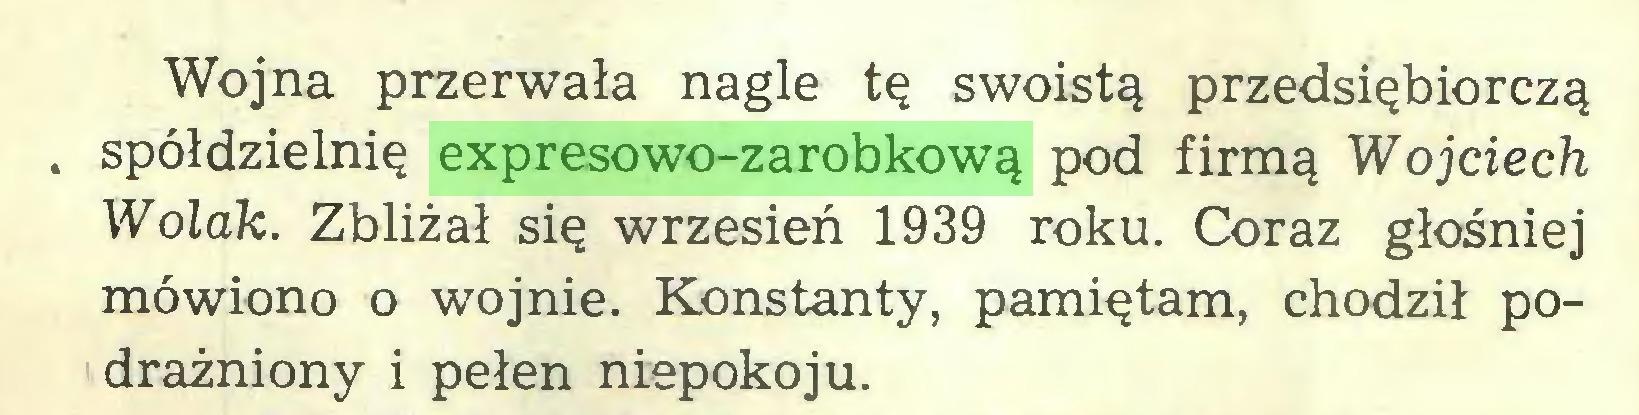 (...) Wojna przerwała nagle tę swoistą przedsiębiorczą . spółdzielnię expresowo-zarobkową pod firmą Wojciech Wolak. Zbliżał się wrzesień 1939 roku. Coraz głośniej mówiono o wojnie. Konstanty, pamiętam, chodził podrażniony i pełen niepokoju...